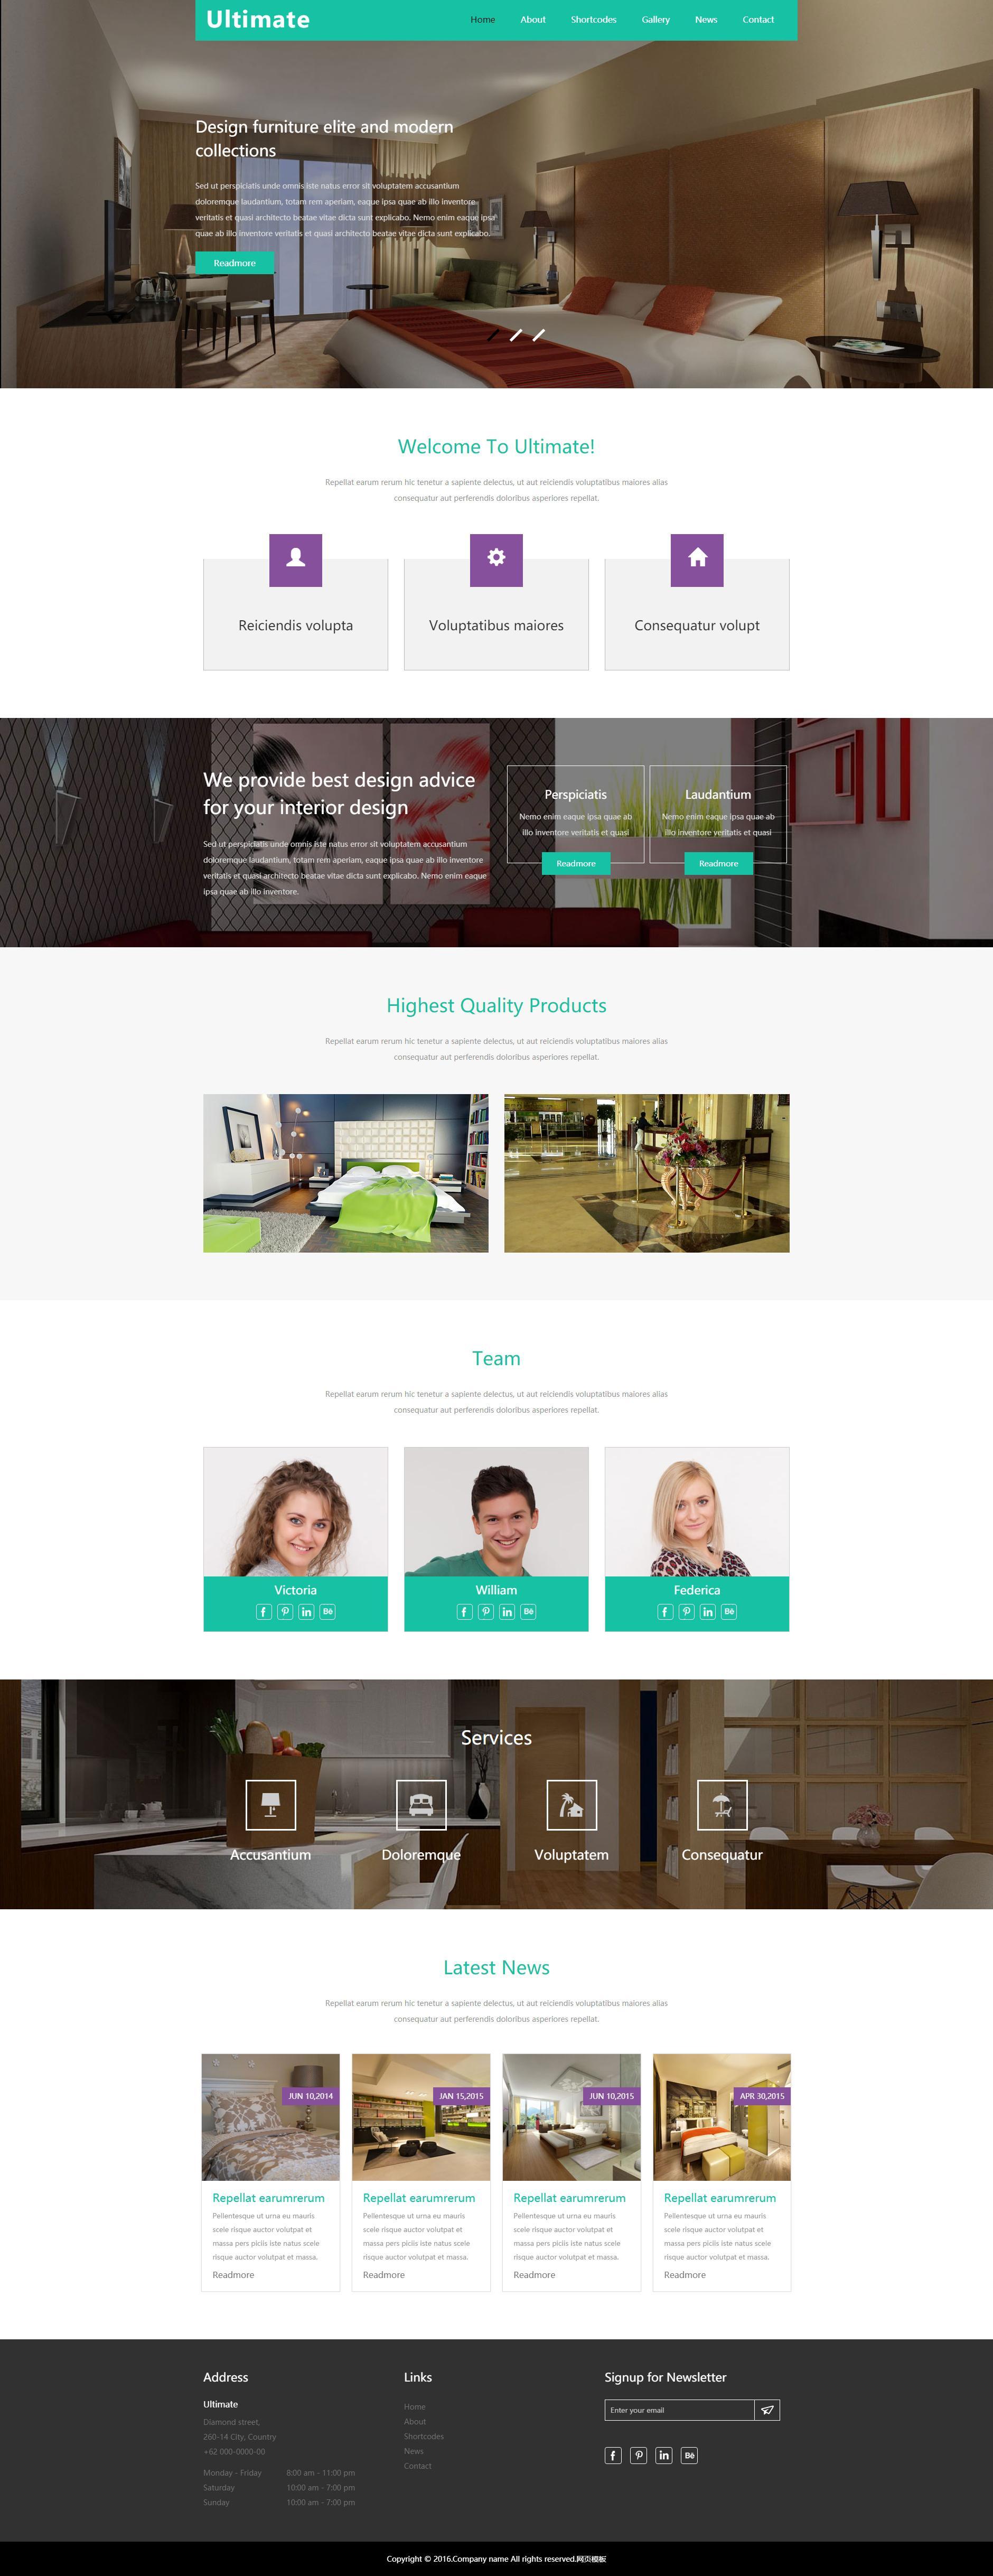 扁平风格的响应式酒店预订网站模板html下载